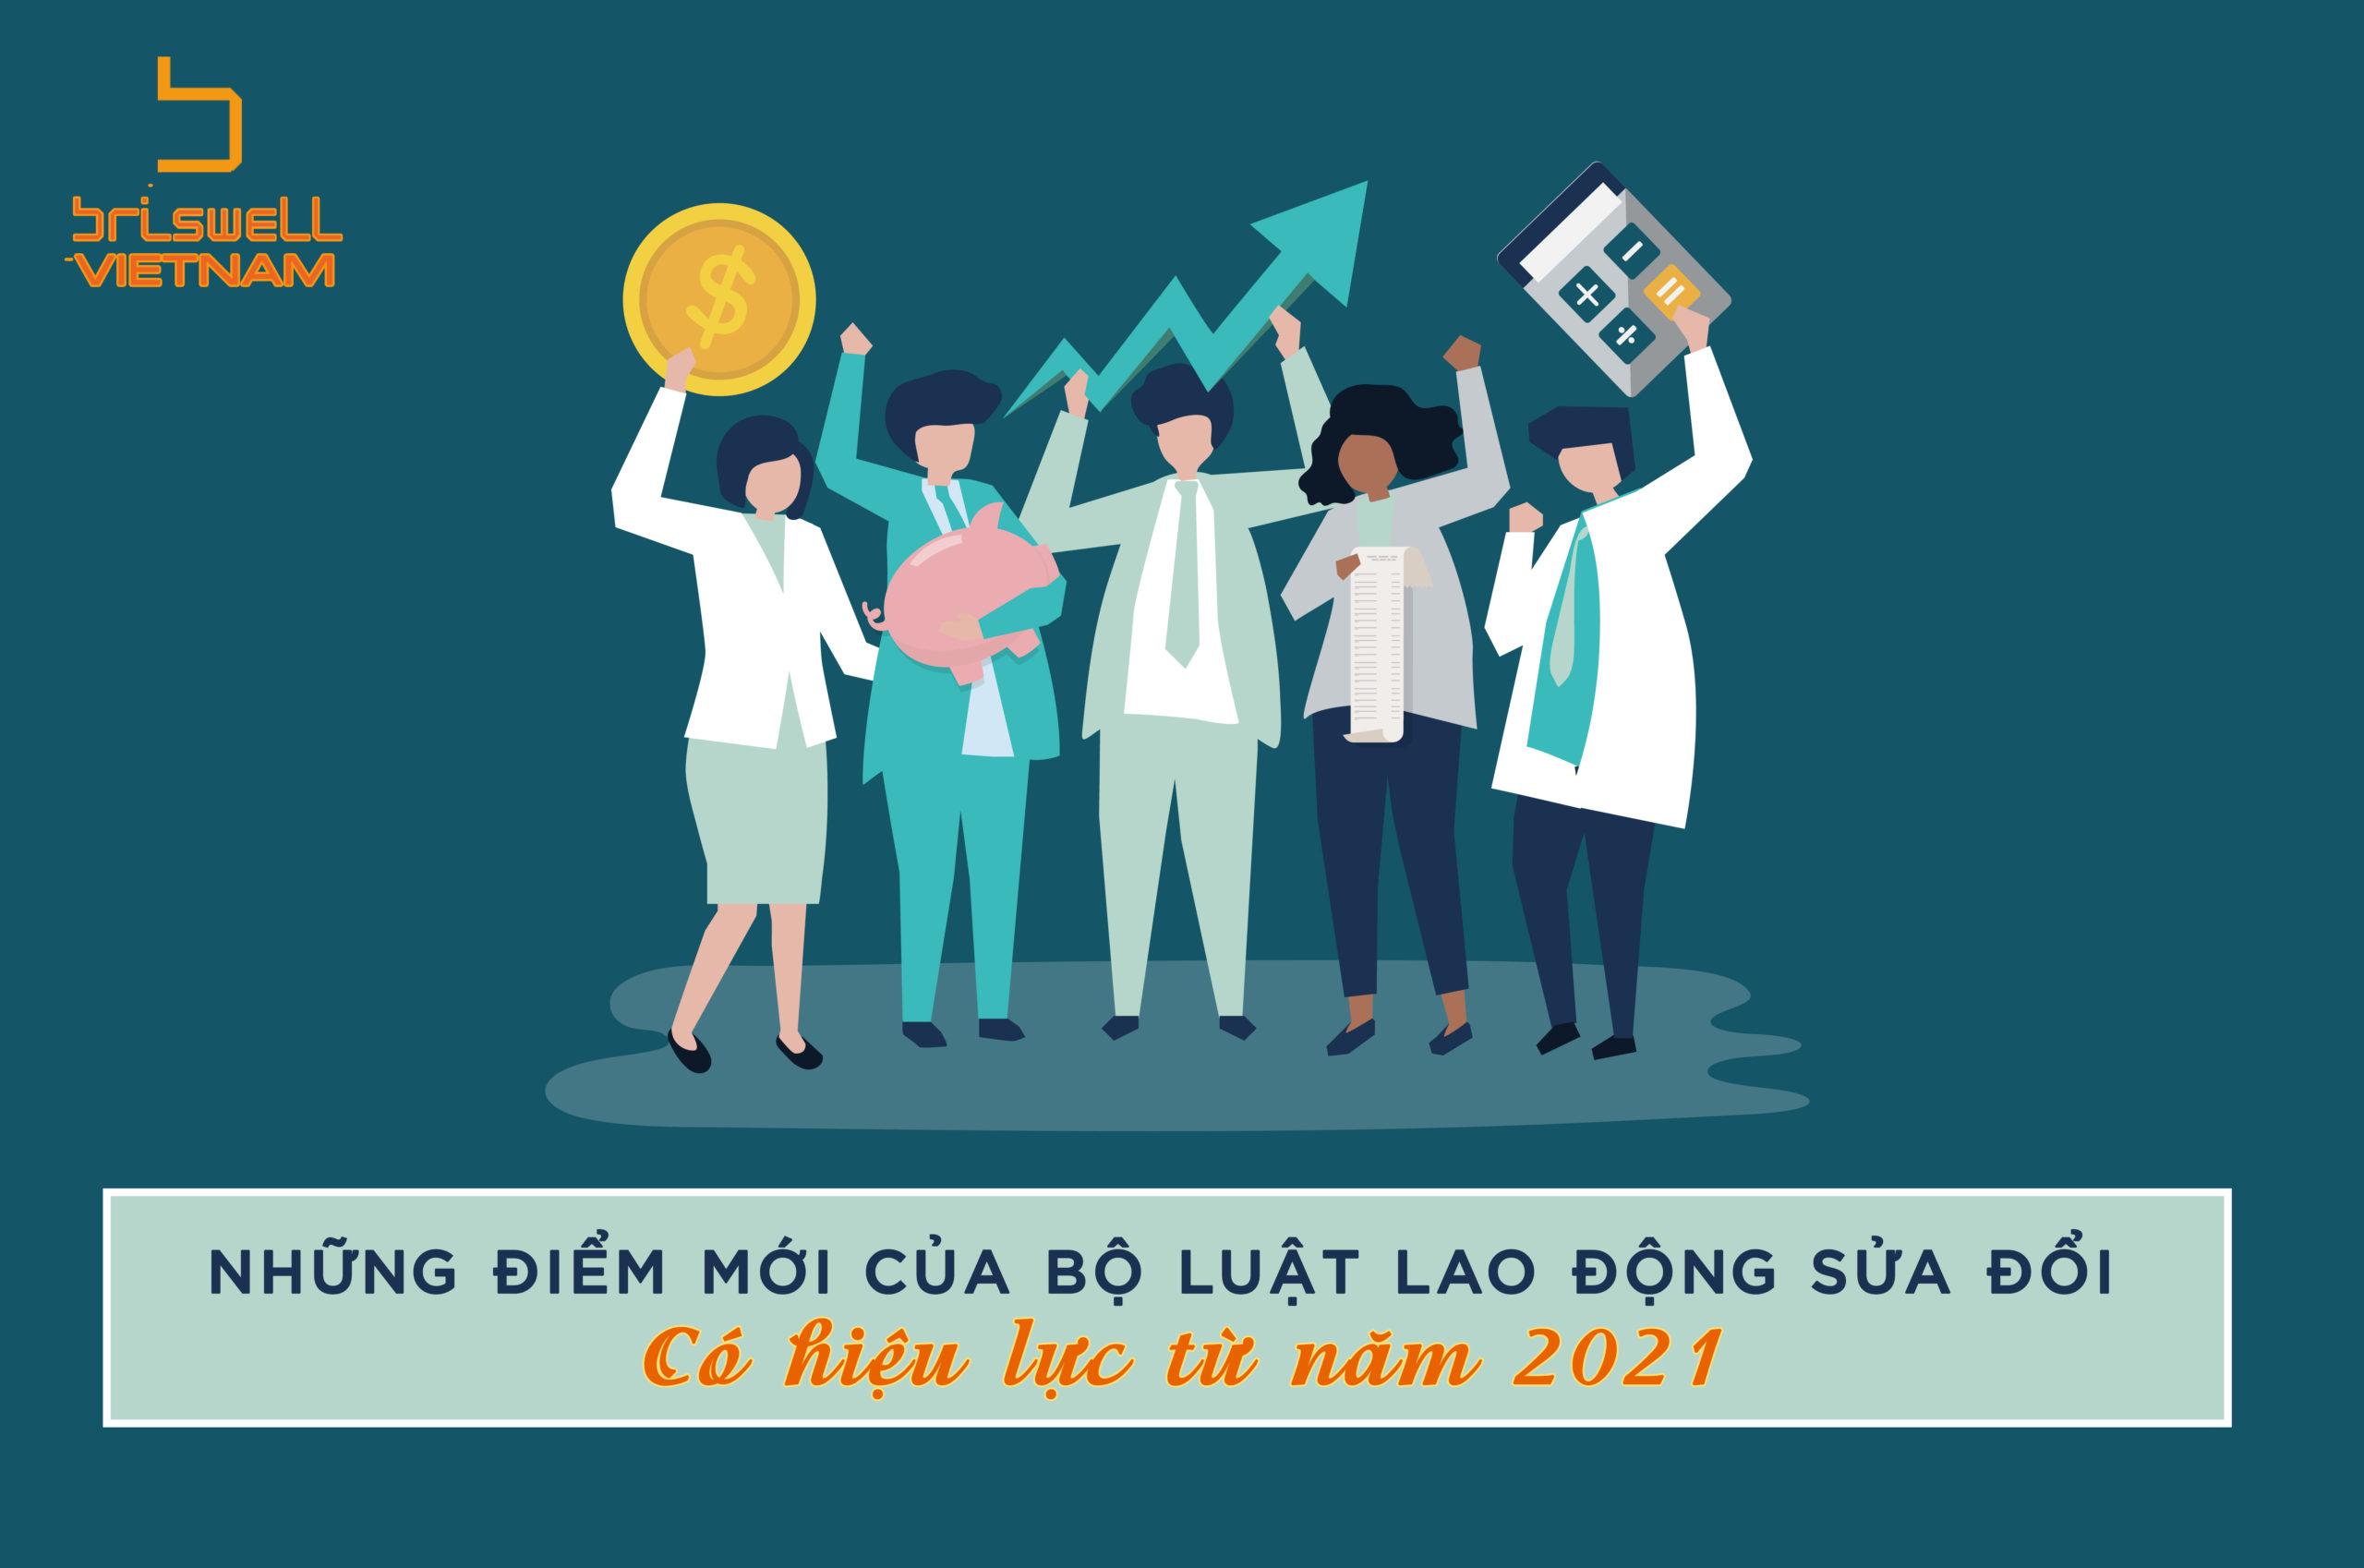 CÁC ĐIỂM MỚI CỦA BỘ LUẬT LAO ĐỘNG SỬA ĐỔI CÓ HIỆU LỰC TỪ NĂM 2021